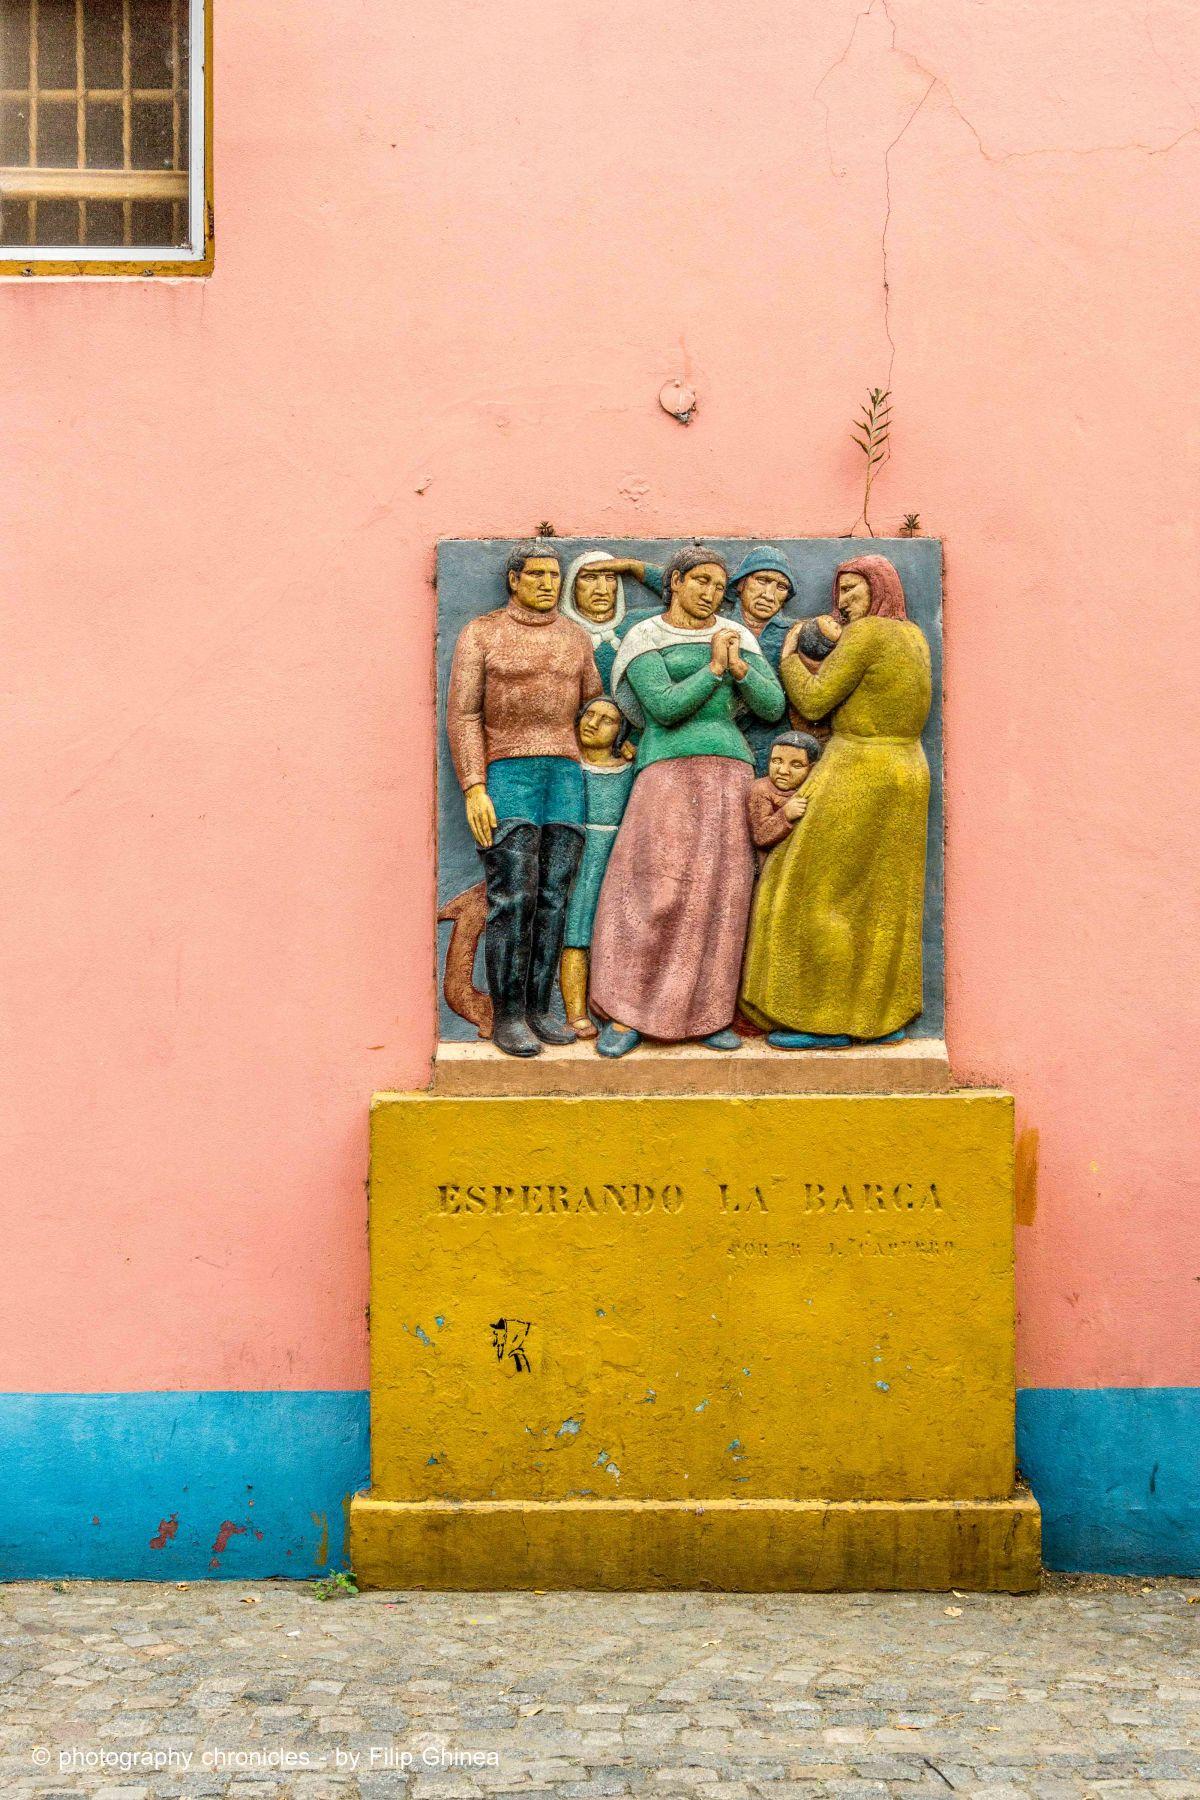 La Boca Neighborhood - Esperando la Barca